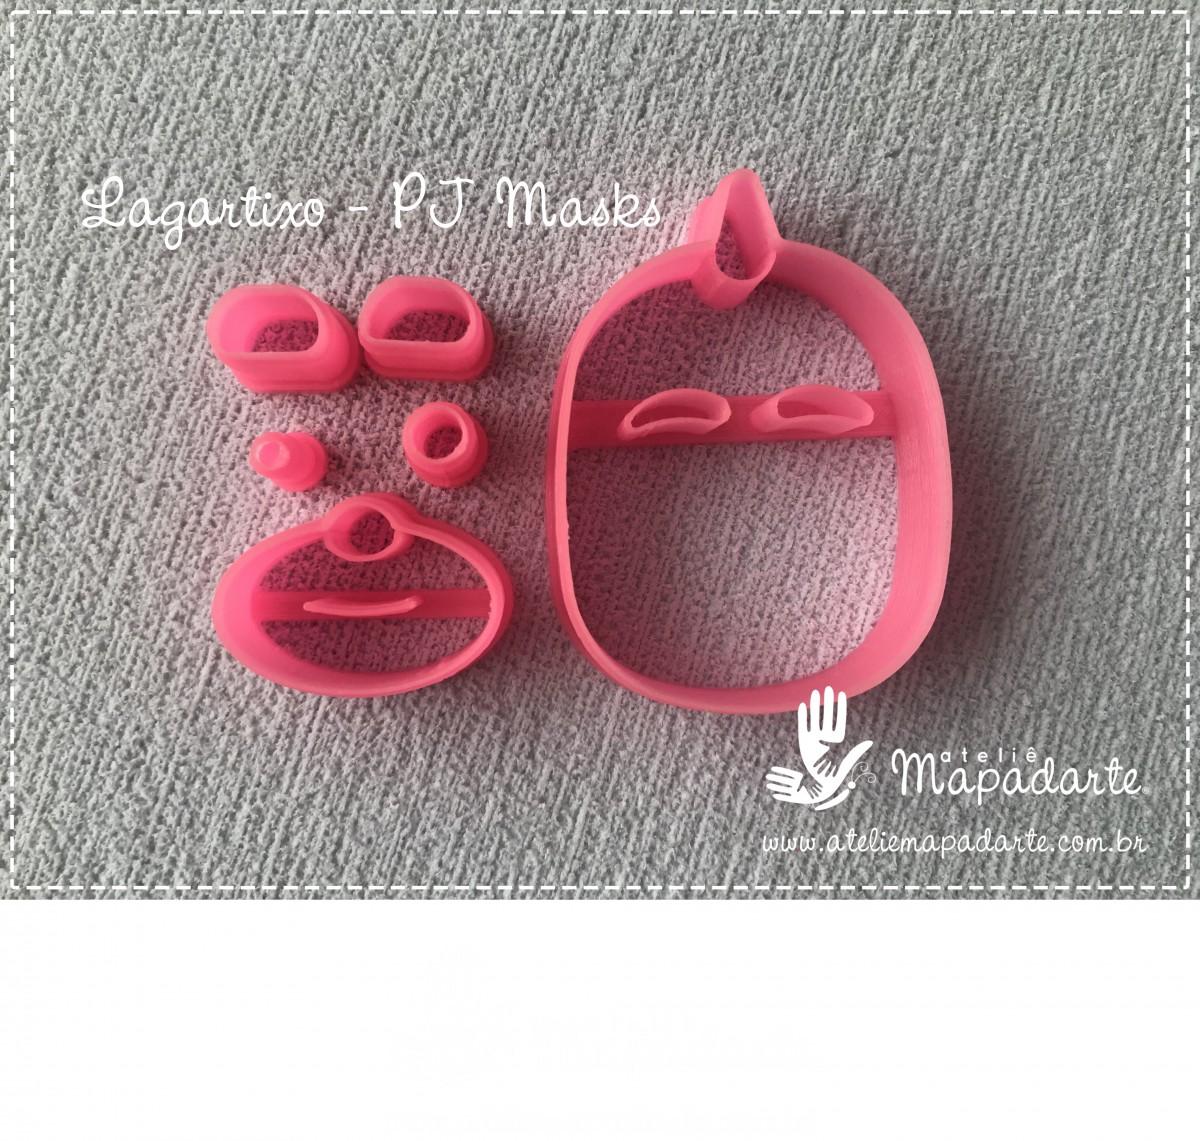 Foto2 - Cód M2768 Lagartixo PJ Masks em plástico PLA ref. 263-6 06peças (AC)